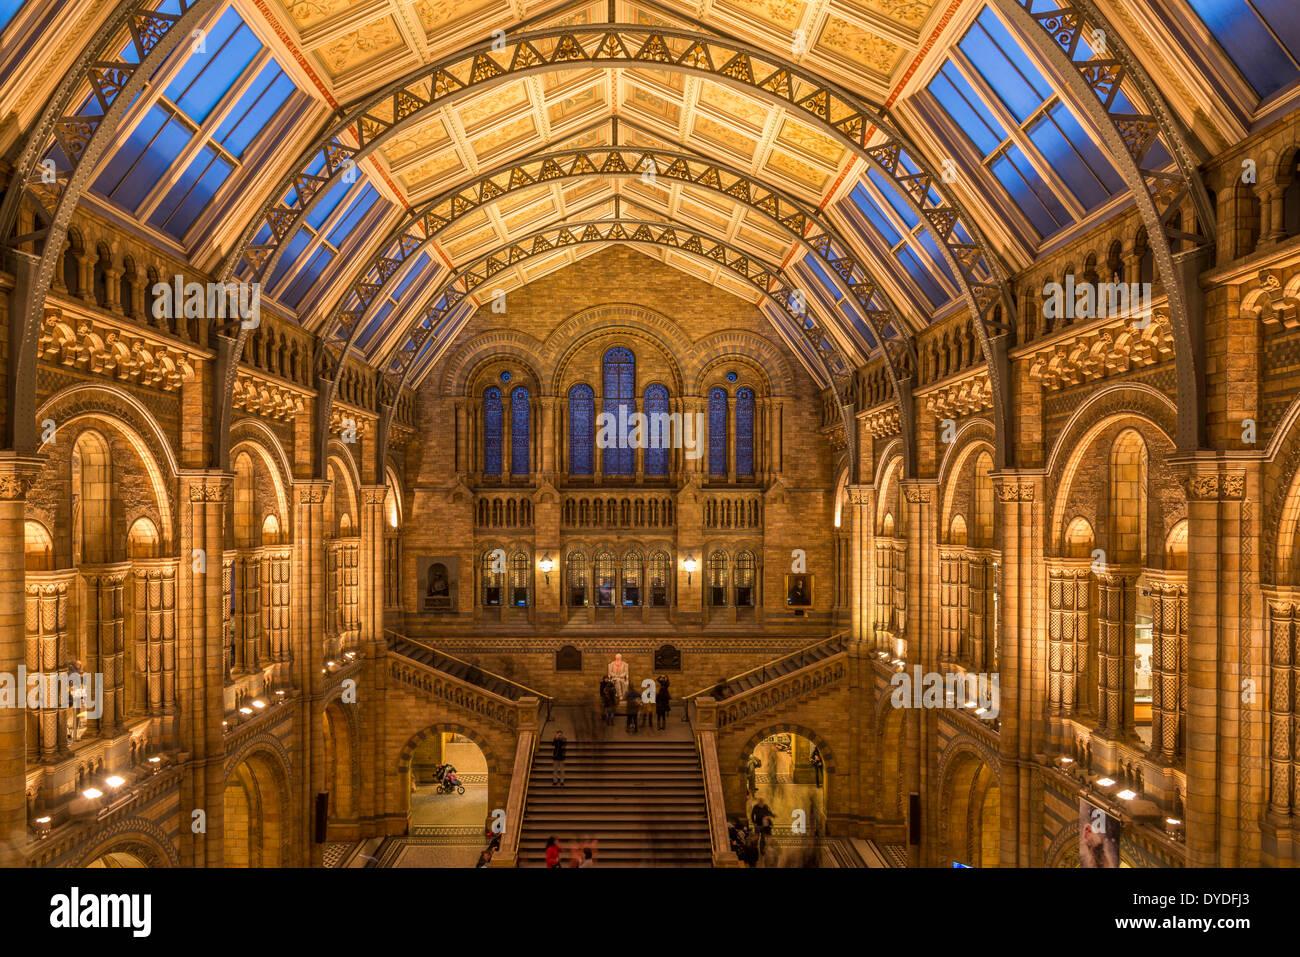 El Hall central en el Museo de Historia Natural de Londres. Imagen De Stock